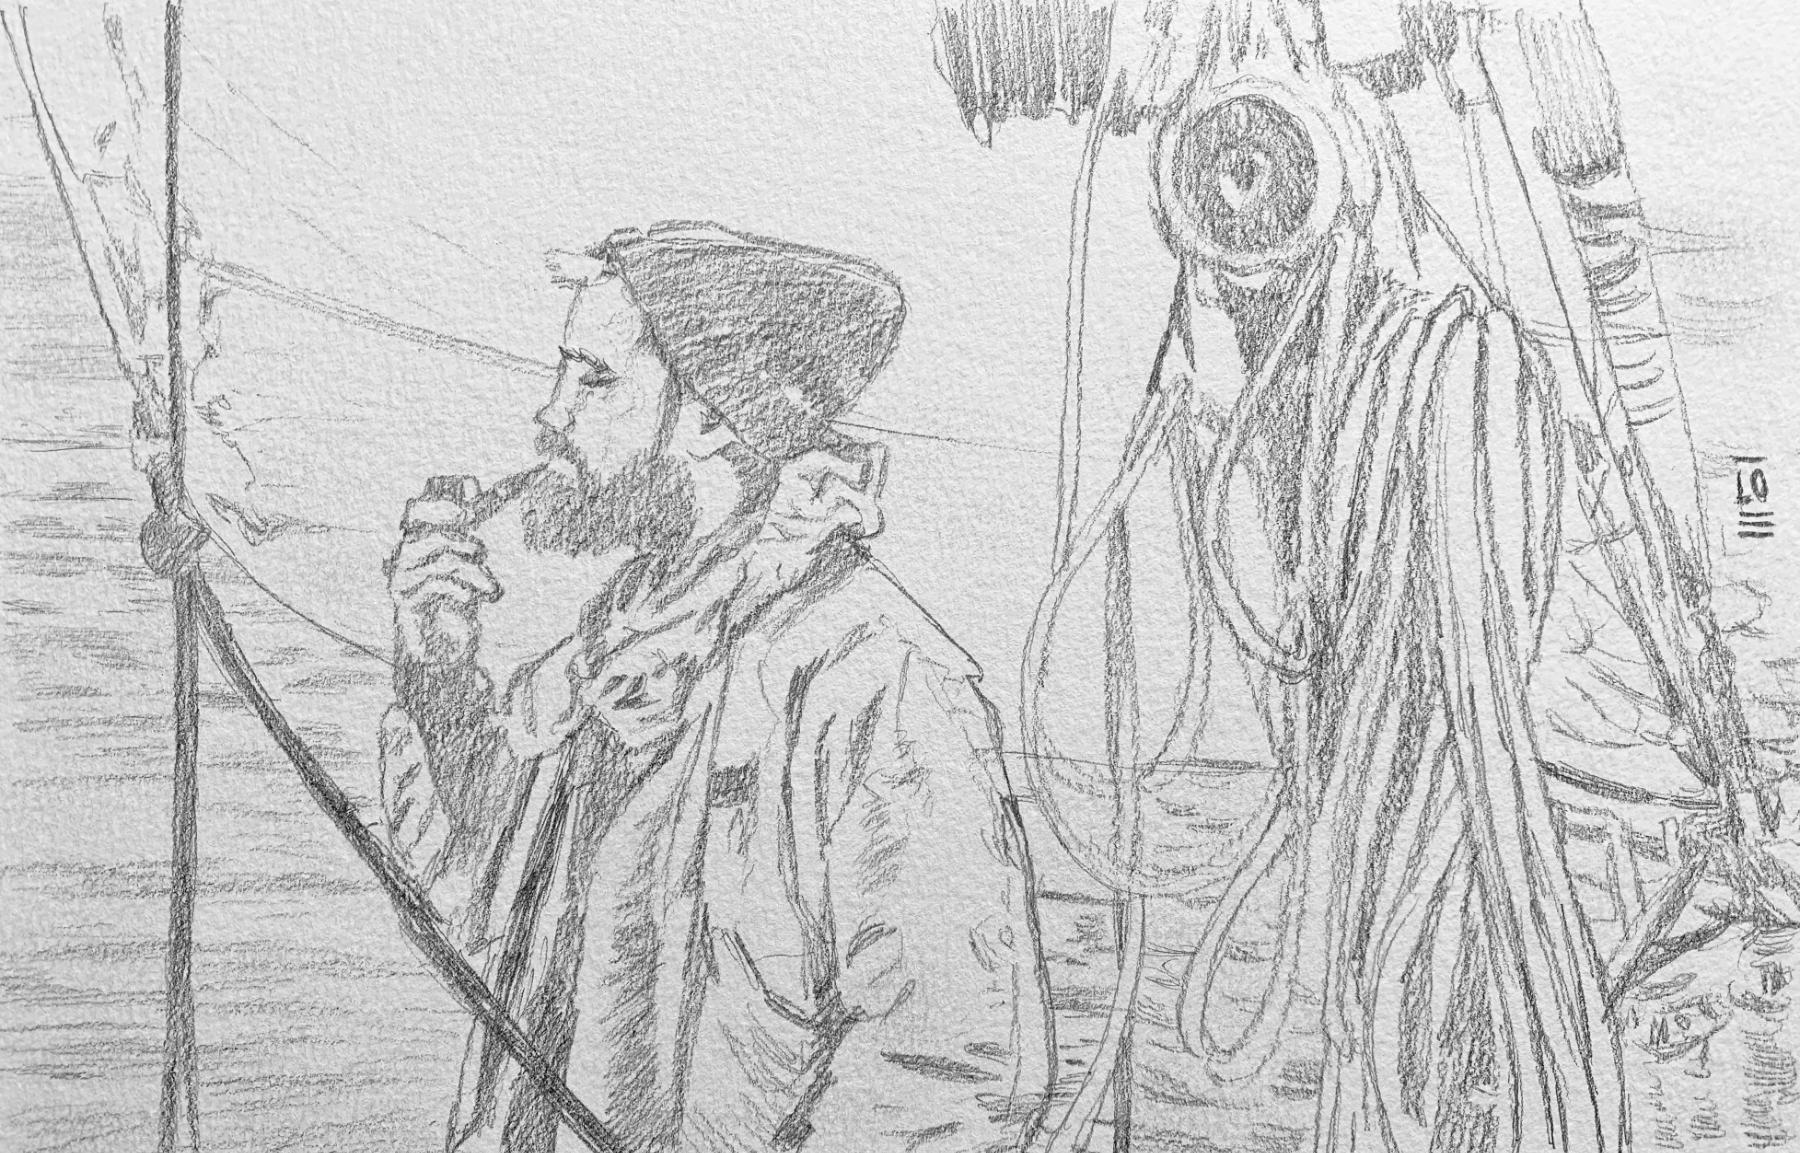 """<span style=""""color: #ff0000;""""><a style=""""color: #ff0000;"""" href=""""mailto:info@loartiste.com?subject=Défi 15 dessins 15 semaines - Tu t'évades...""""> Contacter l'artiste</a></span> Lo - Tu t'évades... - 150$  (transaction directement avec l'artiste) - Crayon graphite sur papier - environ 16 x 23 cm"""